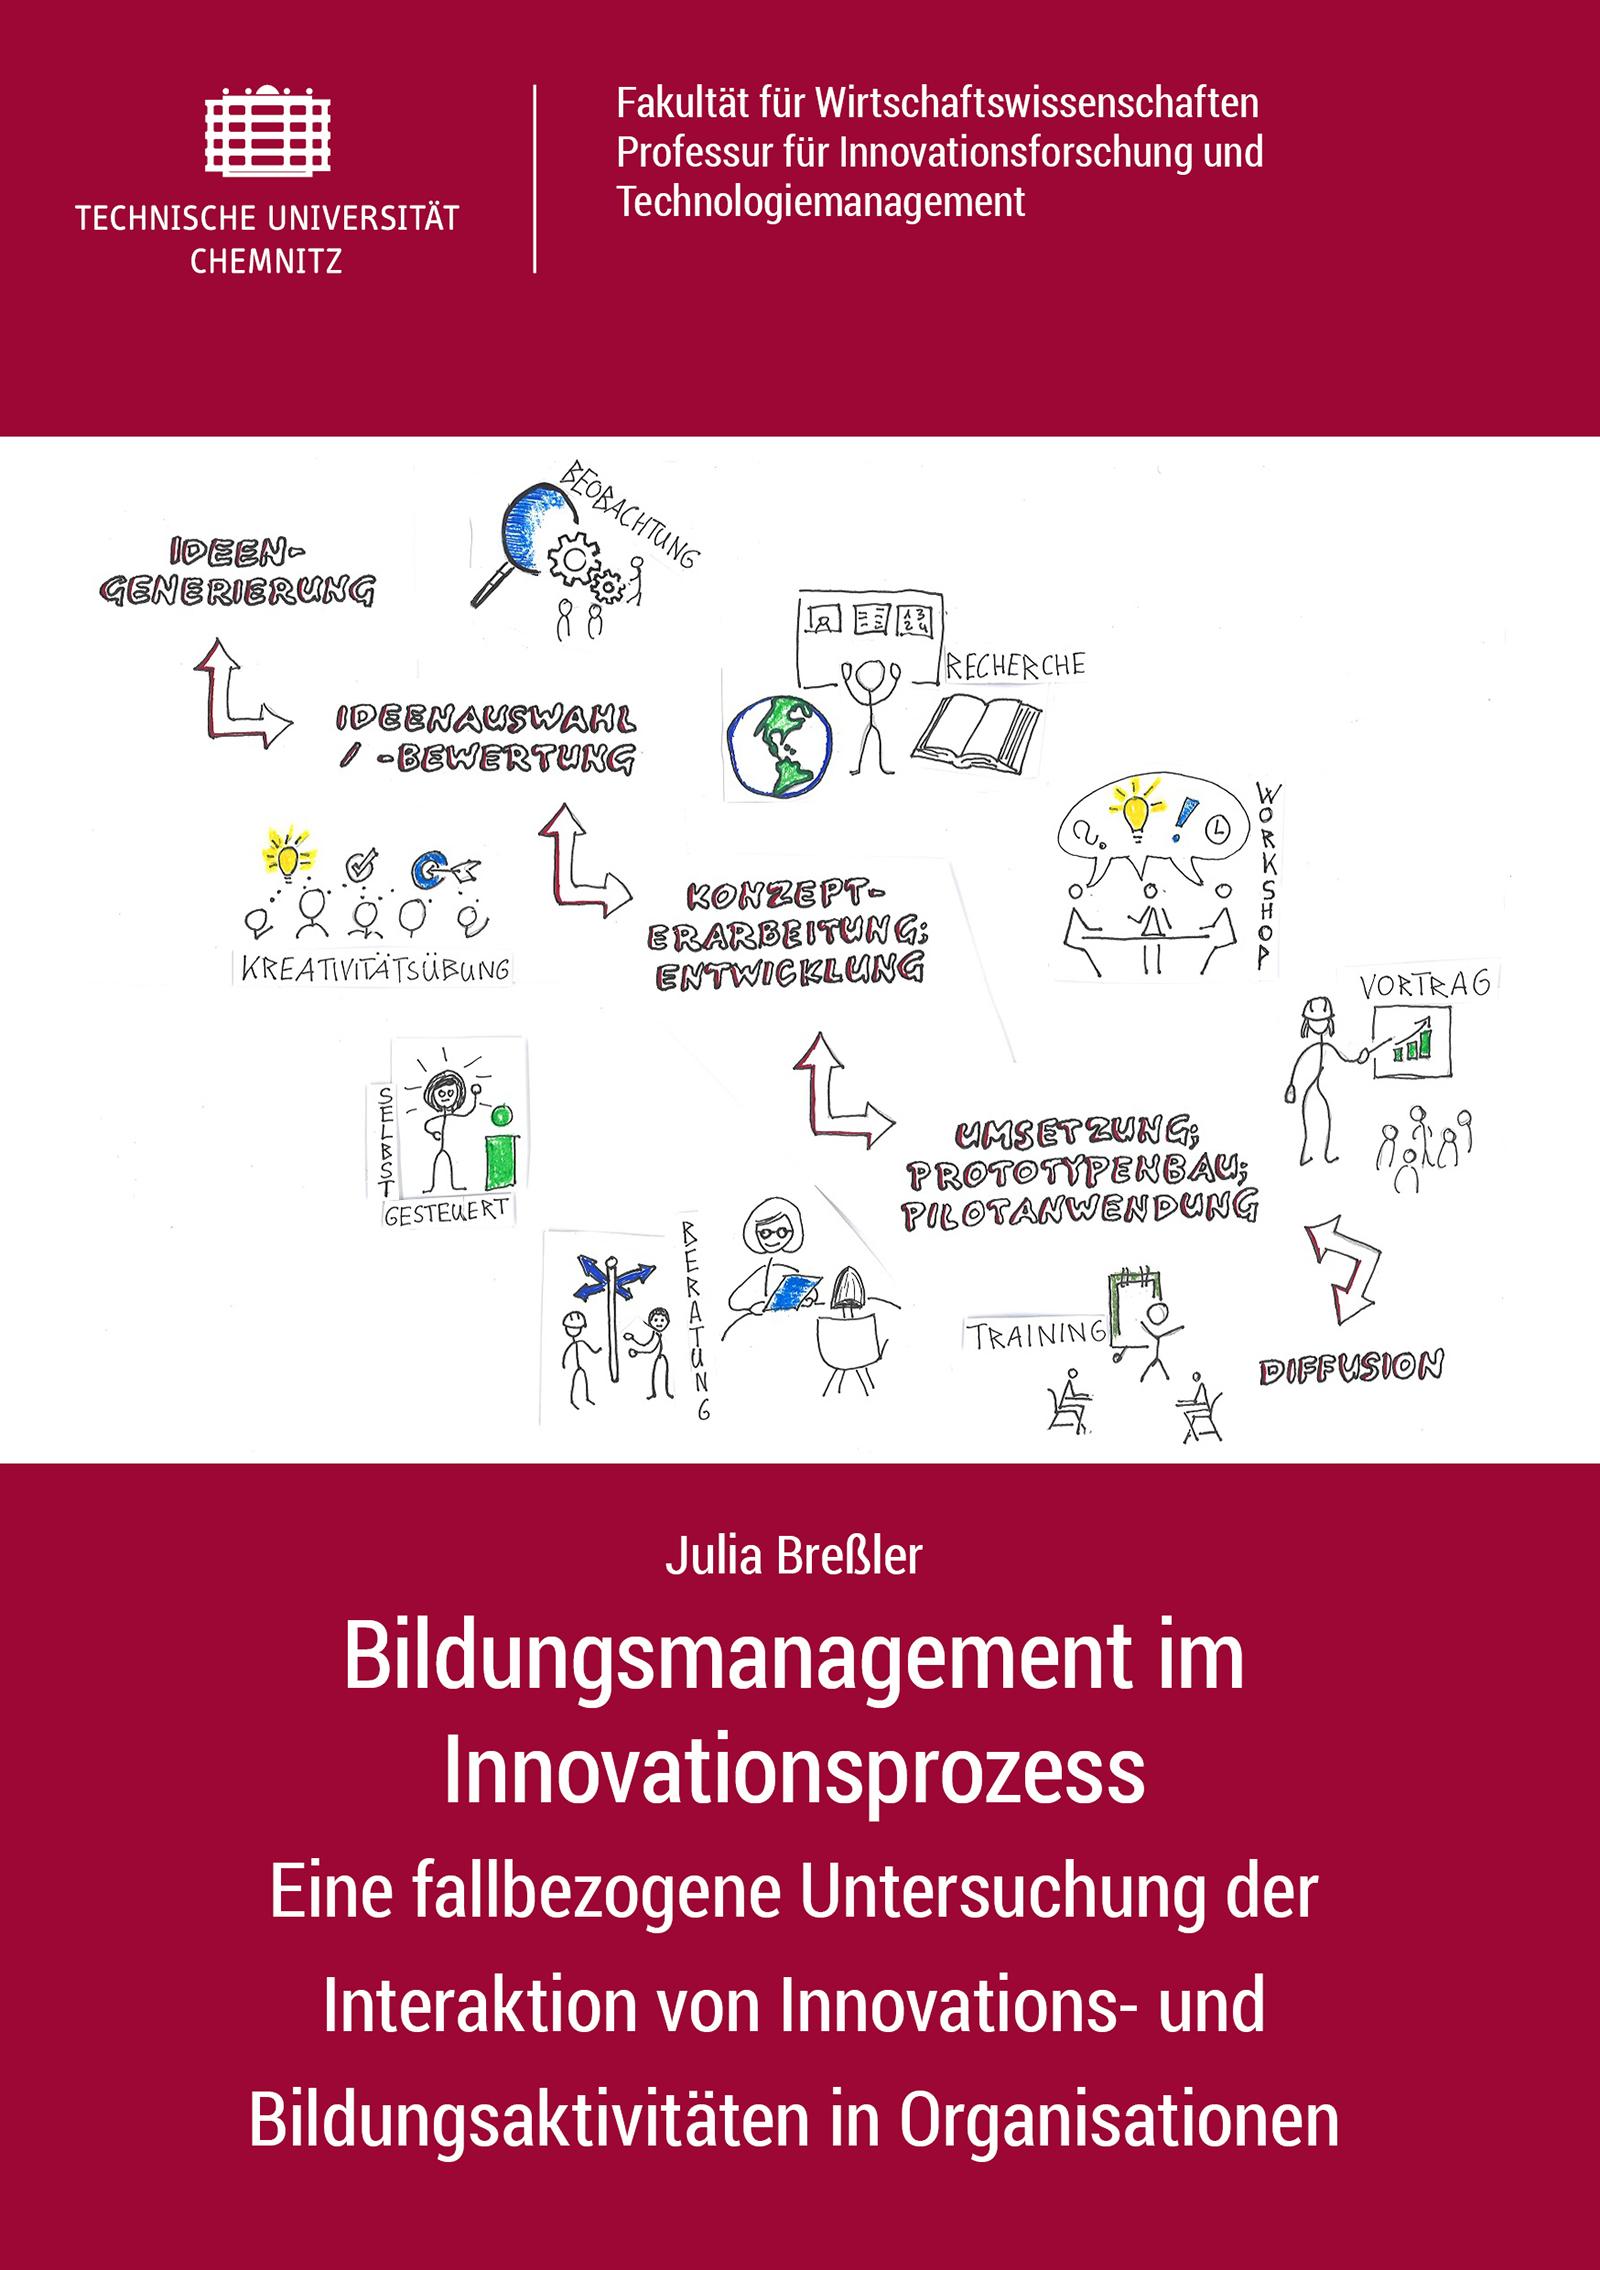 Cover: Bildungsmanagement im Innovationsprozess : Eine fallbezogene Untersuchung der Interaktion von Innovations- und Bildungsaktivitäten in Organisationen